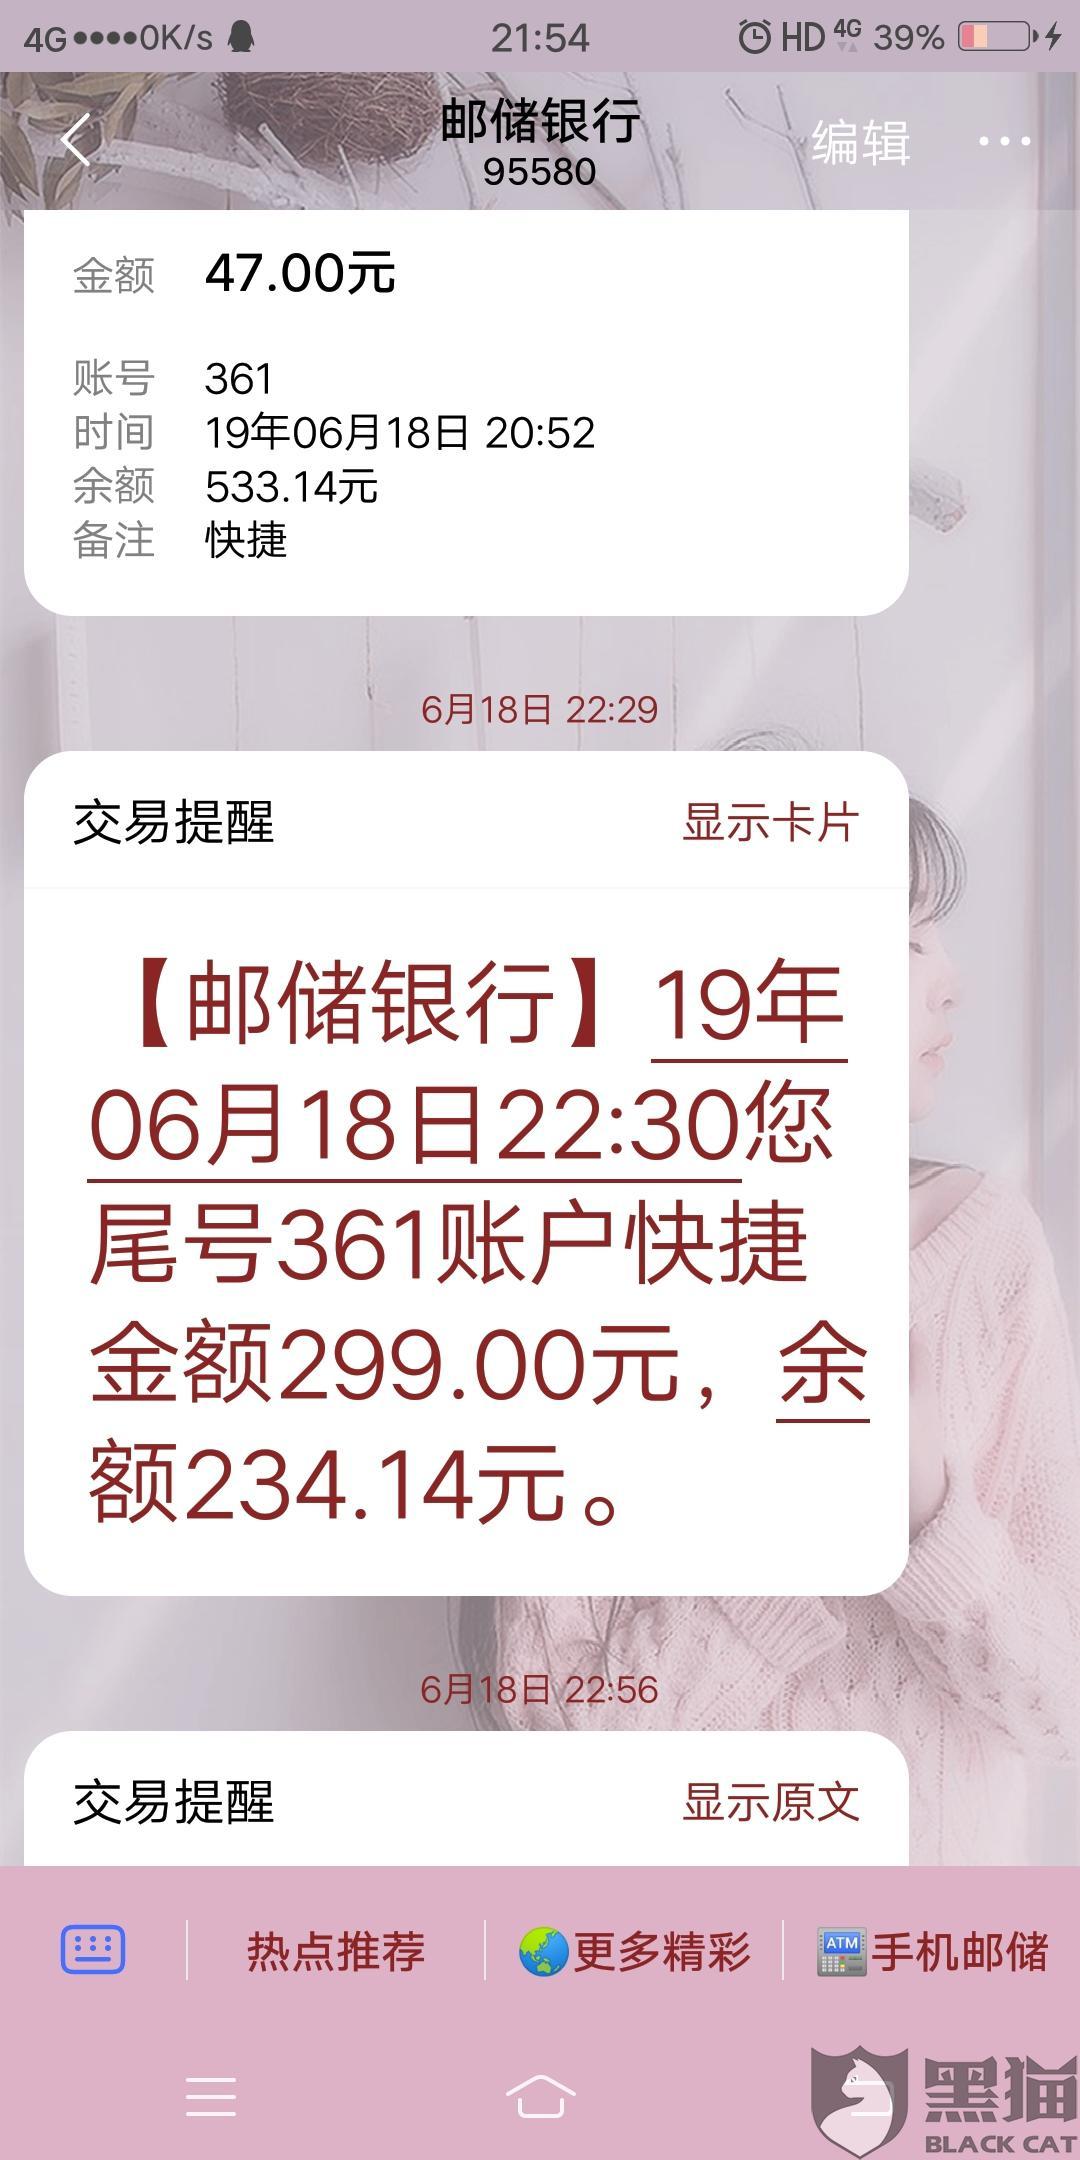 黑猫投诉:要求上海造艺网络科技有限公司退款